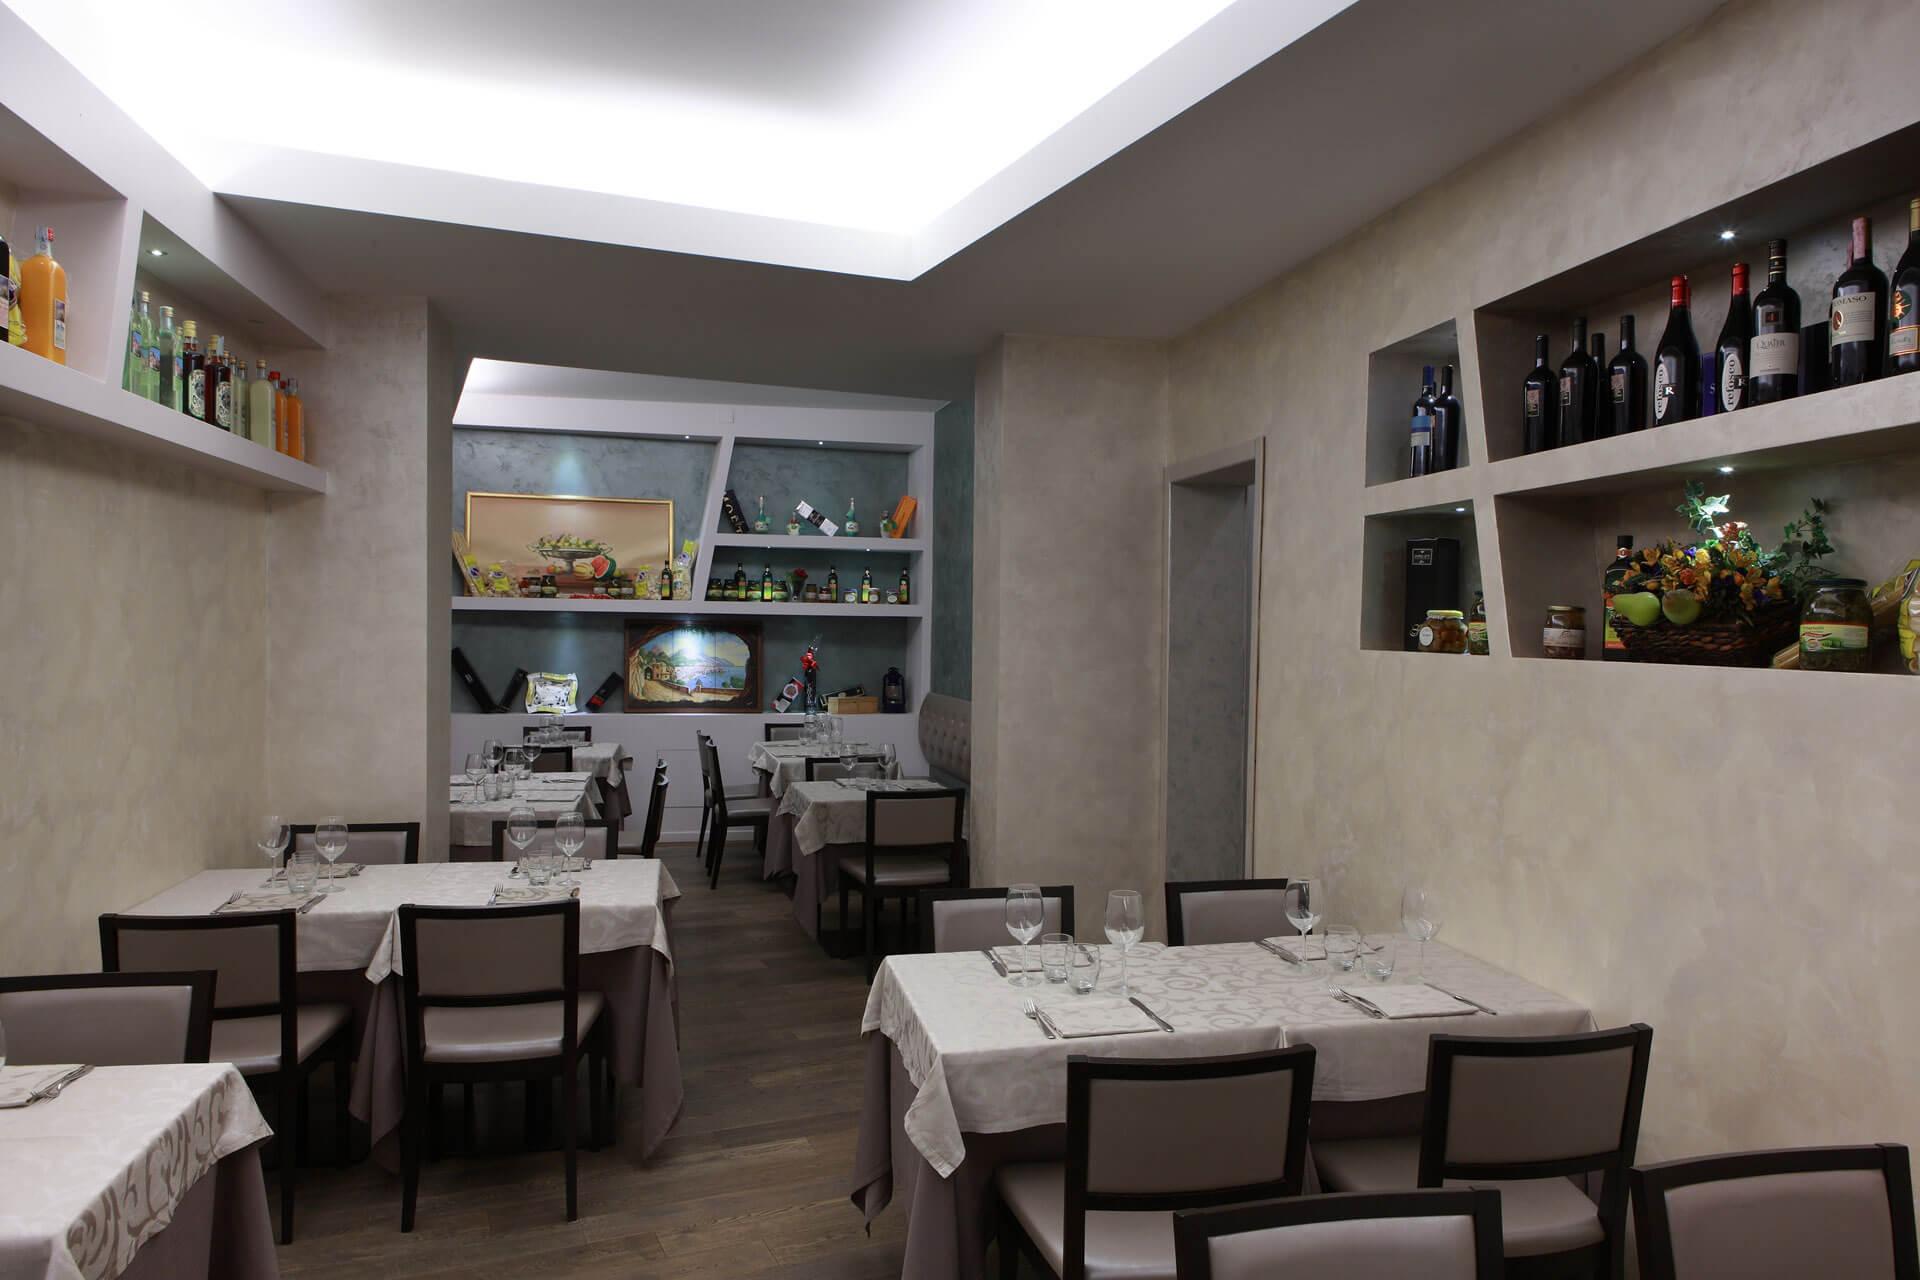 micaela-mazzoni-studio-interior-designer-bologna-progetti-commerciali-gallery-ristorante-il-saraceno-bologna-2